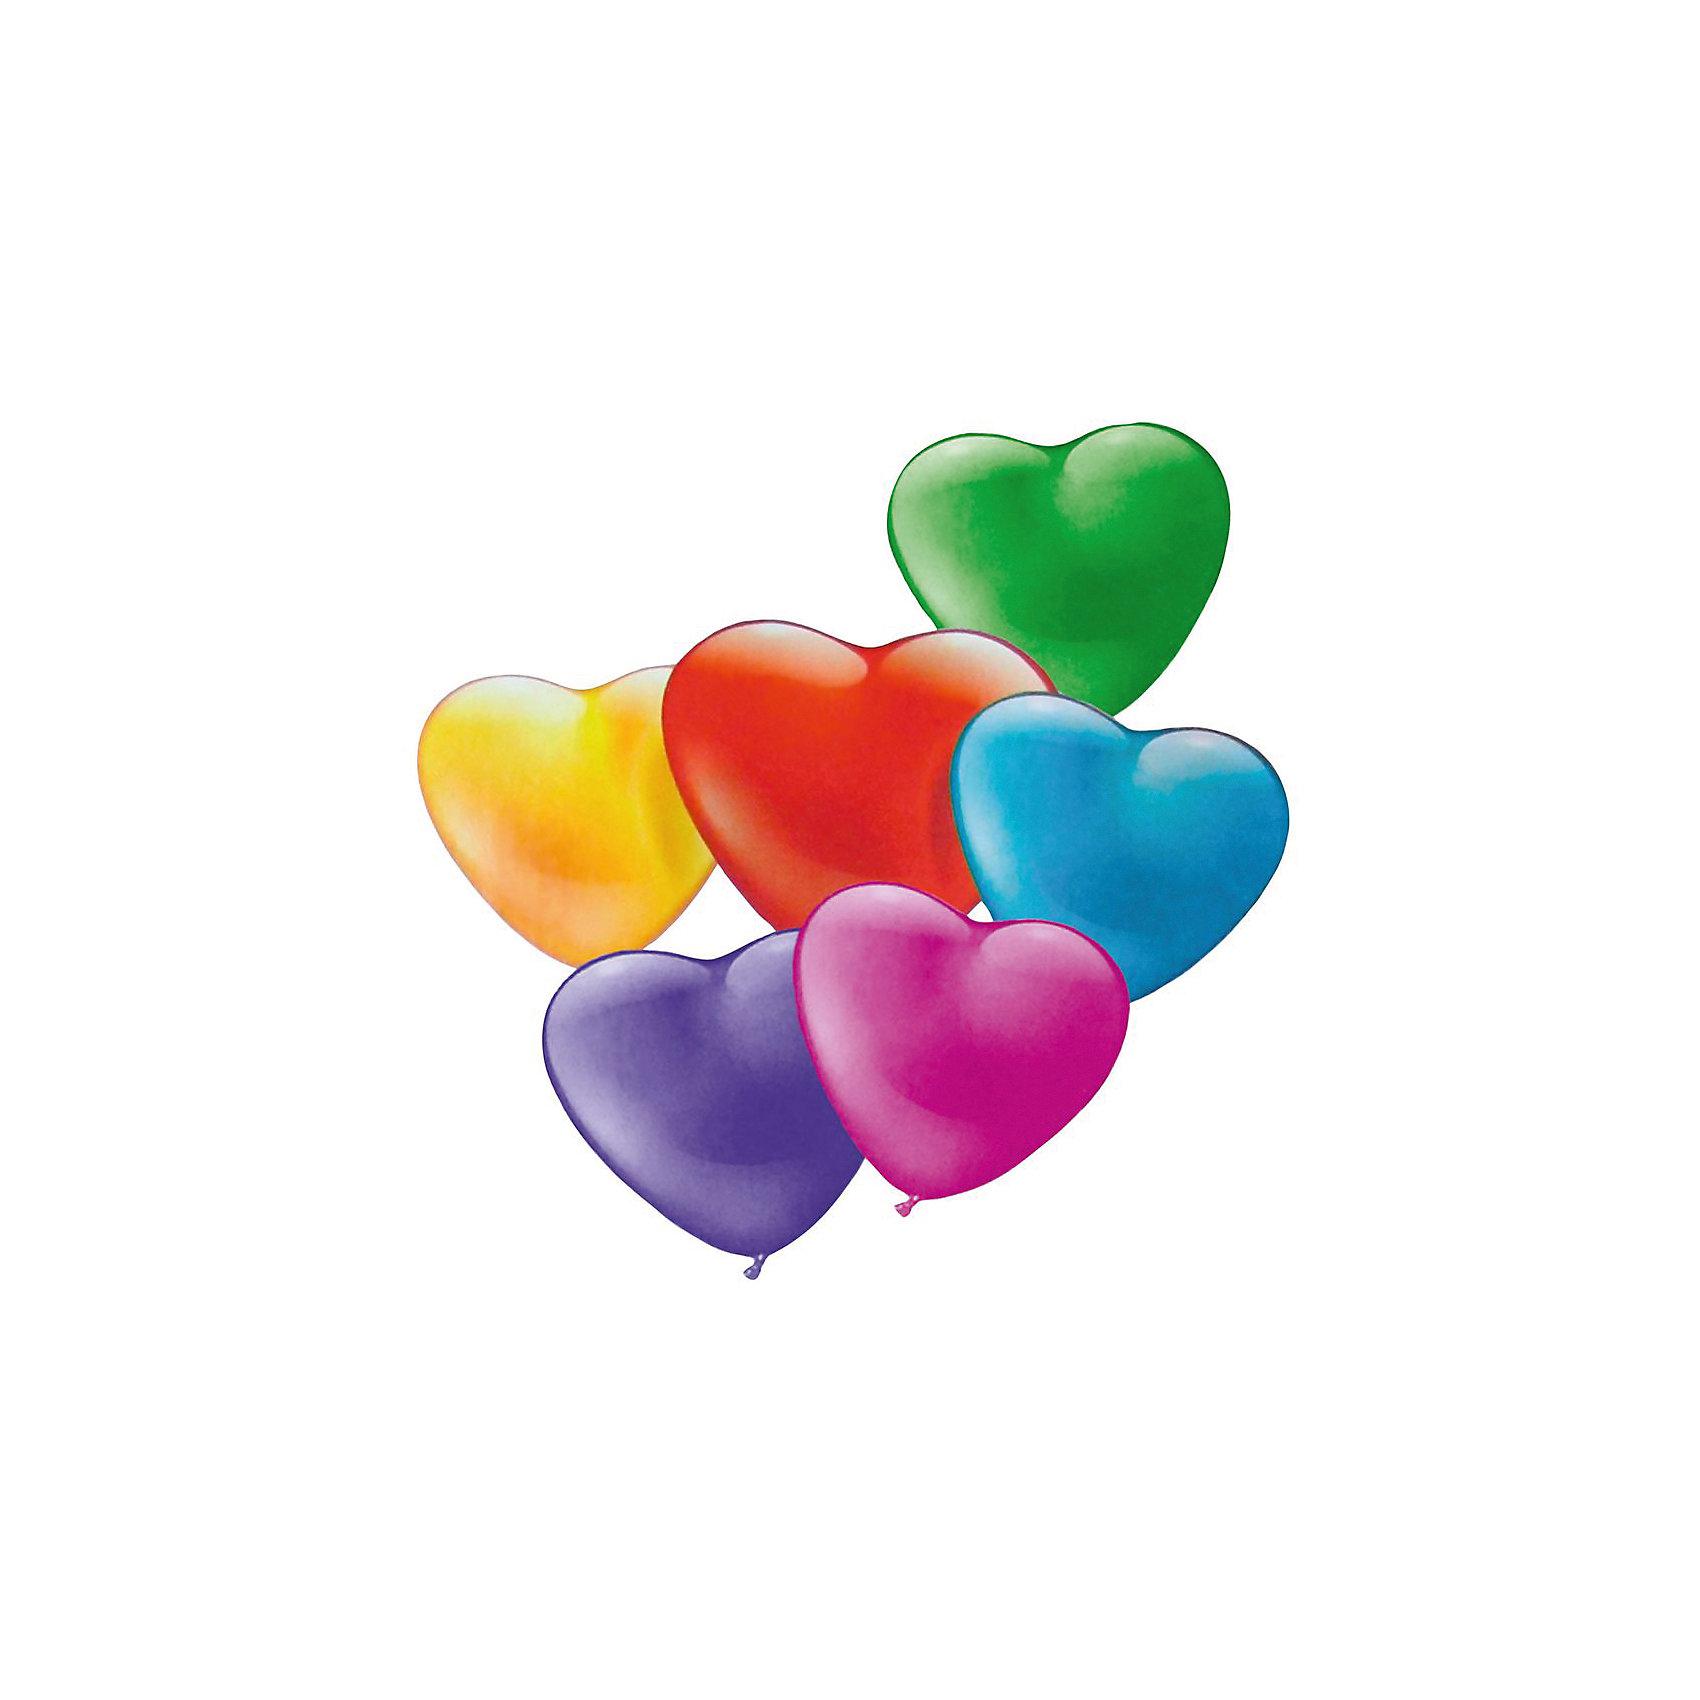 Шары воздушные Mini-hearts, 20 шт, блистерВсё для праздника<br>Характеристики товара:<br><br>• возраст: от 3 лет<br>• цвет: мульти<br>• материал: биоразлагаемый латекс<br>• размер упаковки: 1х13х20 см<br>•  для надувания гелием или воздухом<br>• комплектация: 20 шт<br>• вес: 20 г<br>• страна бренда: Германия<br>• страна изготовитель: Германия<br><br>Разноцветные воздушные шары в форме сердечек добавят красок и романтического настроения. Эти шарики подойдут для празднования дней рождений, свадеб и других торжественных случаев.<br><br>Изделие произведено из безопасного для детей материала.<br><br>Шары воздушные «Mini-hearts», 20 шт, блистер от бренда Herlitz (Херлиц) можно купить в нашем интернет-магазине.<br><br>Ширина мм: 15<br>Глубина мм: 128<br>Высота мм: 200<br>Вес г: 34<br>Возраст от месяцев: 36<br>Возраст до месяцев: 2147483647<br>Пол: Унисекс<br>Возраст: Детский<br>SKU: 6886504